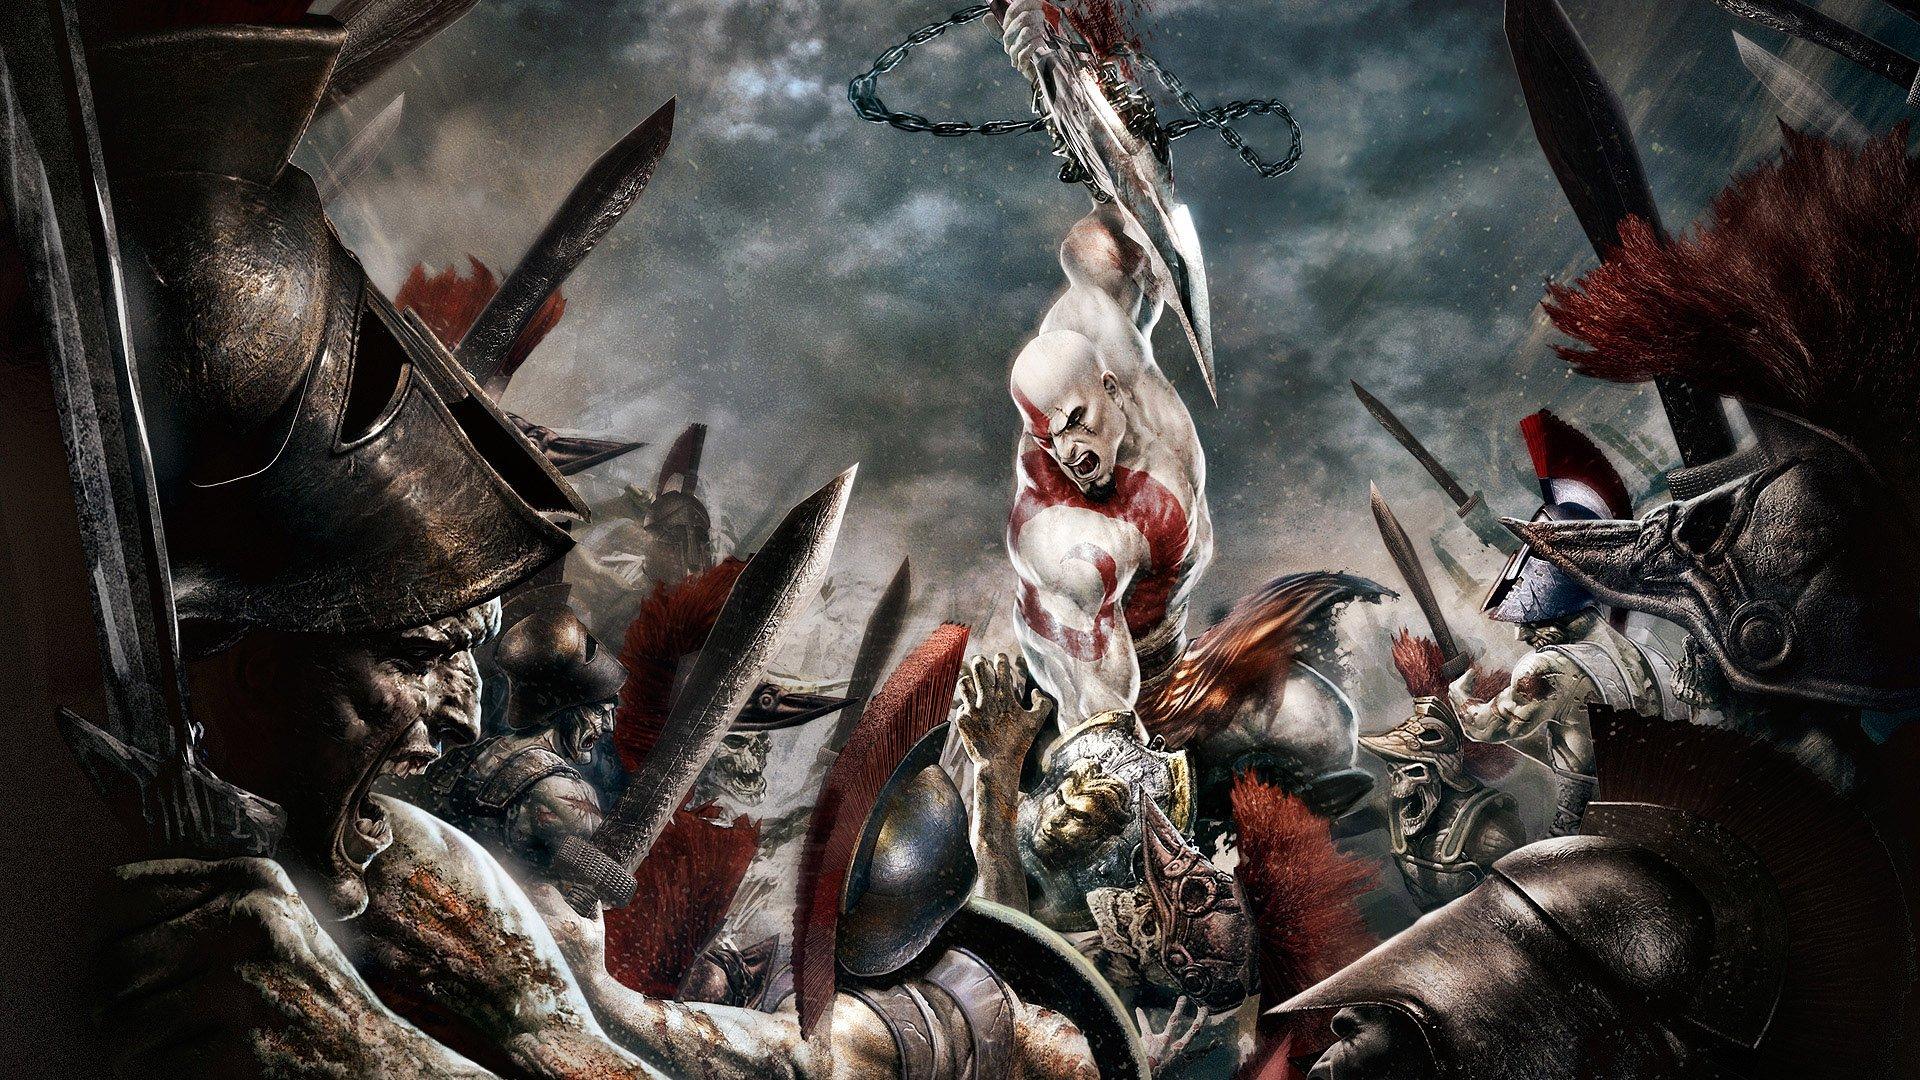 god of war 3 wallpaper hd wallpapersafari